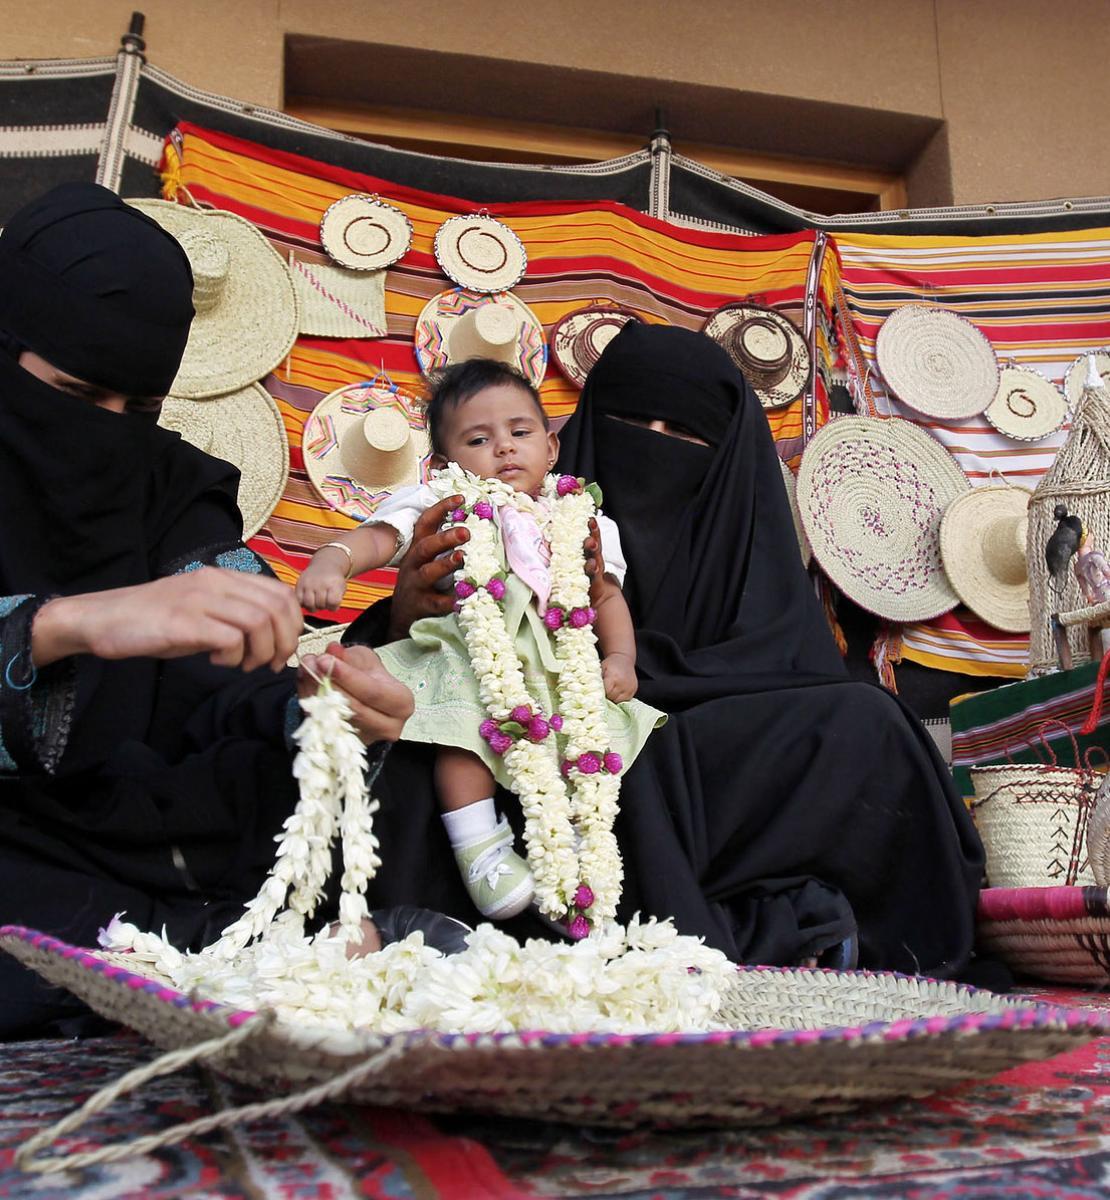 Deux femmes saoudiennes portant un voile intégrale noir sont assises sur un tapis, à même le sol, dans un souk. L'une d'elles fabrique des colliers de fleurs fraîches, tandis que l'autre, assise juste à côté, la regarde faire en tenant un bébé dans les bras. On aperçoit en arrière-plan des objets de fabrication artisanale accrochés à une étoffe en couleurs.